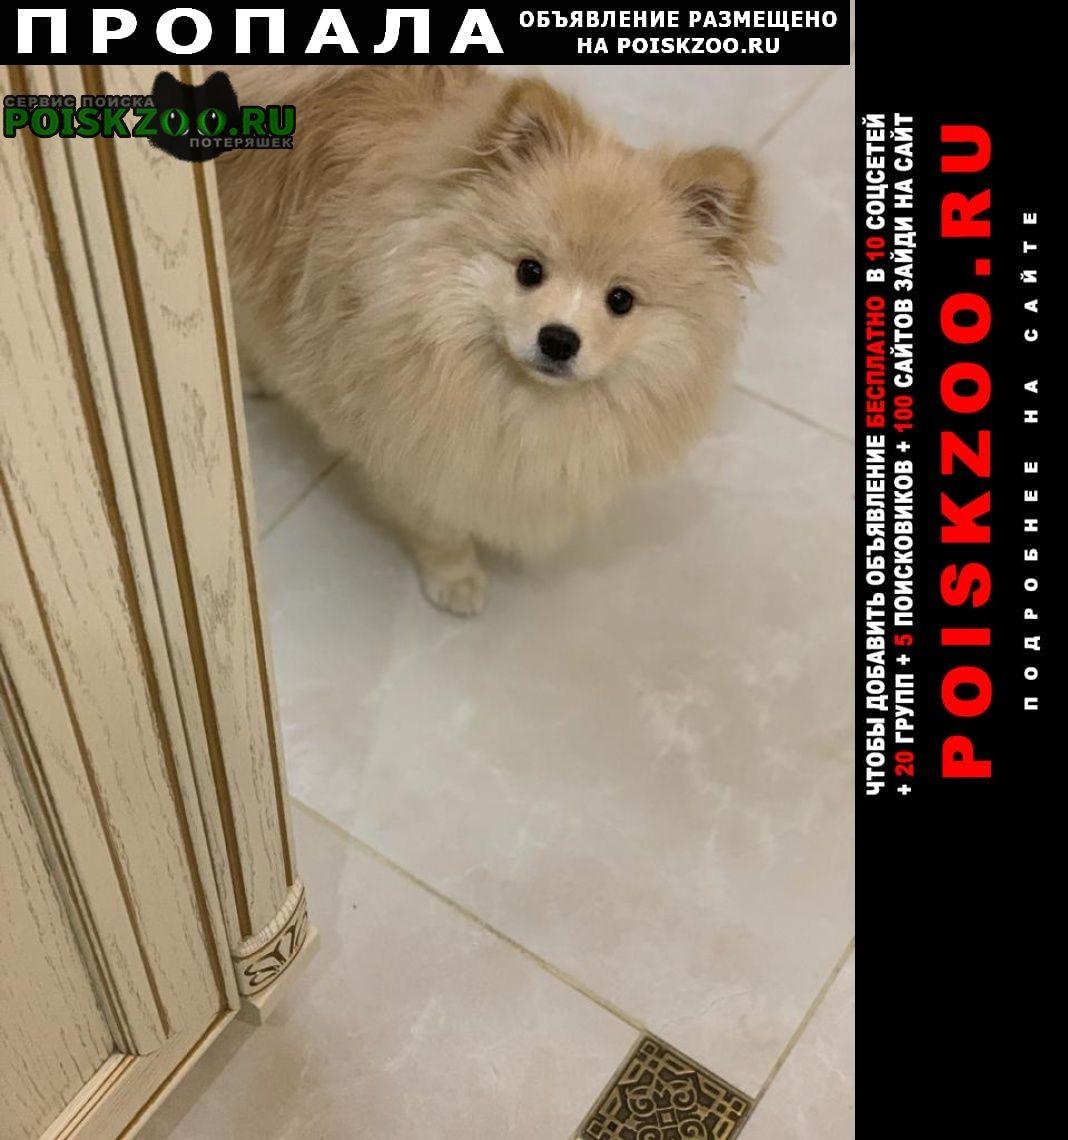 Пропала собака кобель шпиц Семилуки